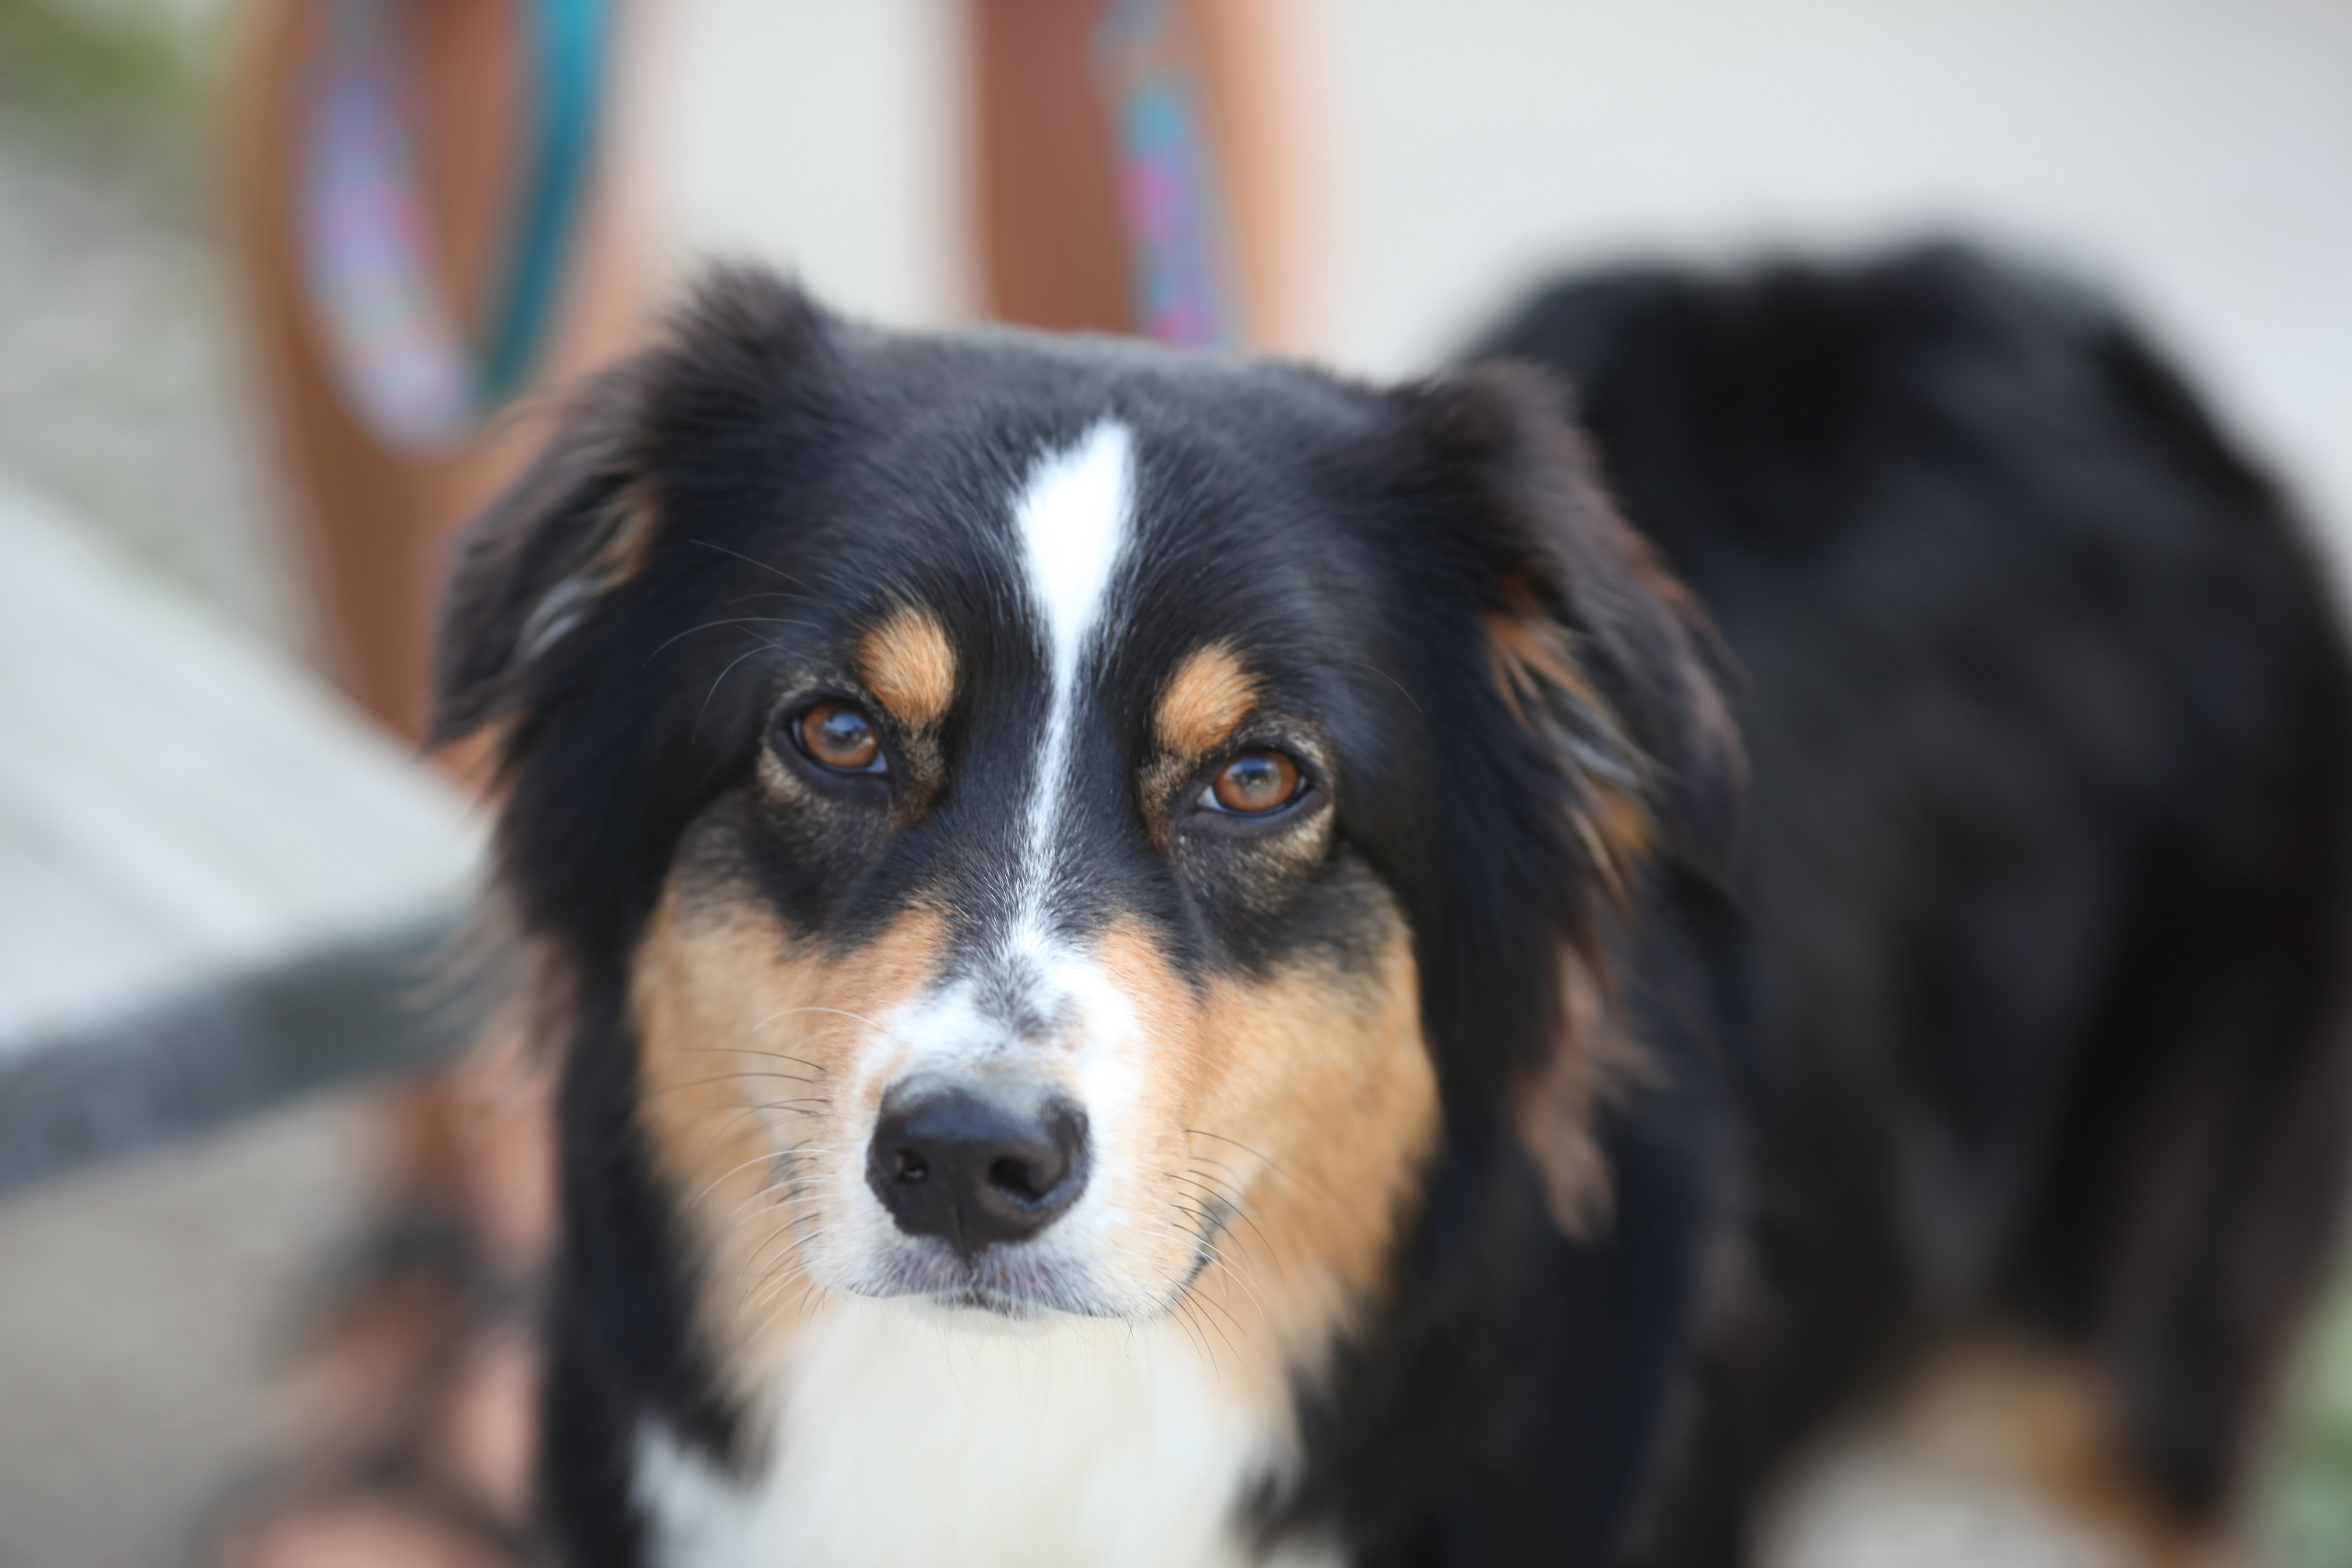 7-19 meridian fav dog